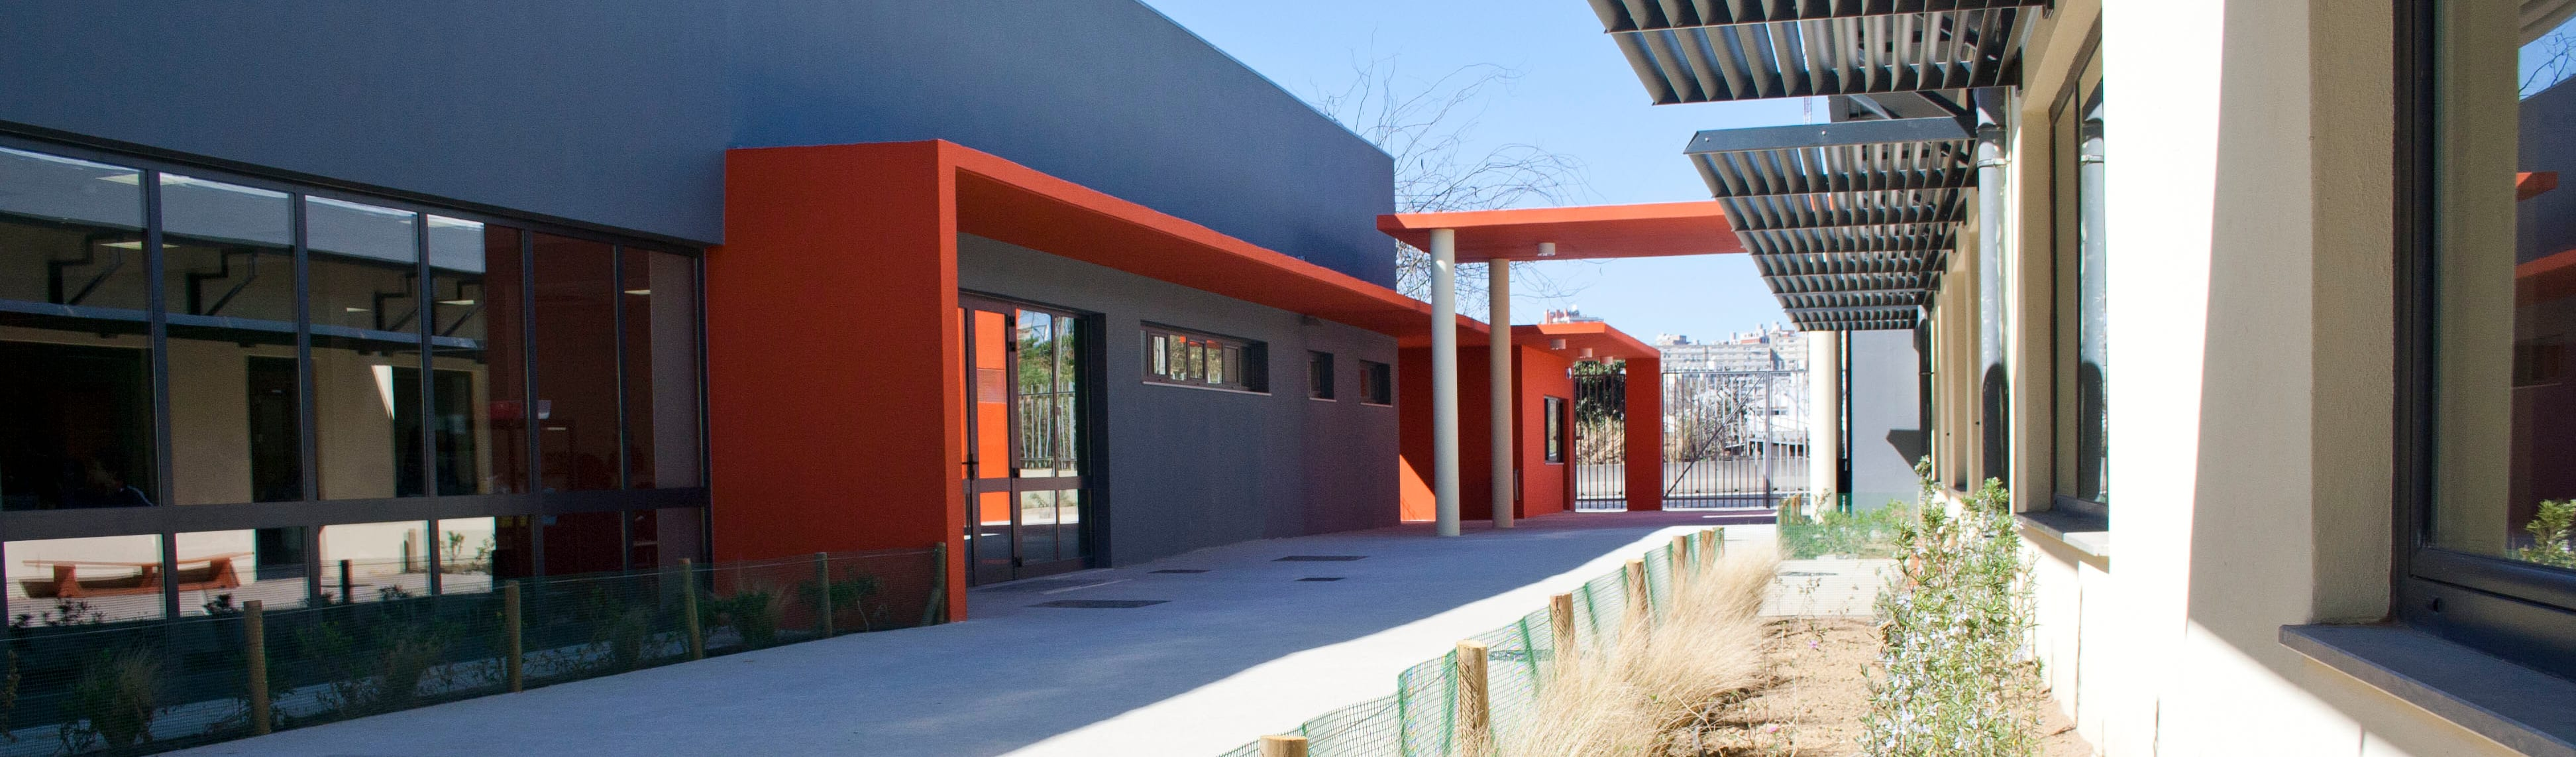 GIMA PROJECTOS – Arquitectura e Engenharia, Lda.